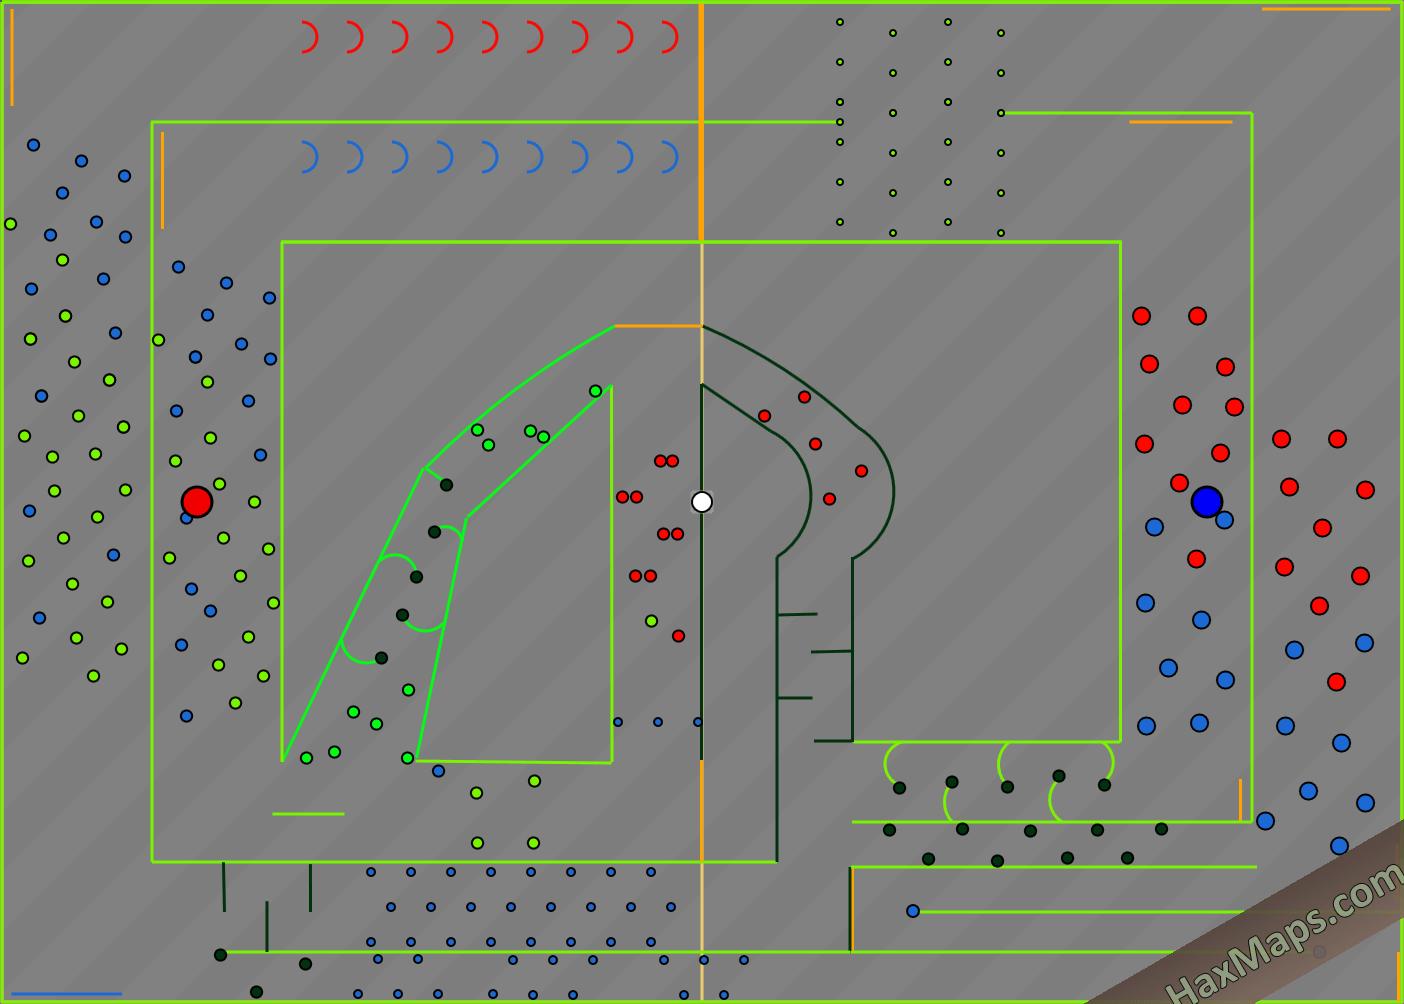 hax ball maps | Aerus